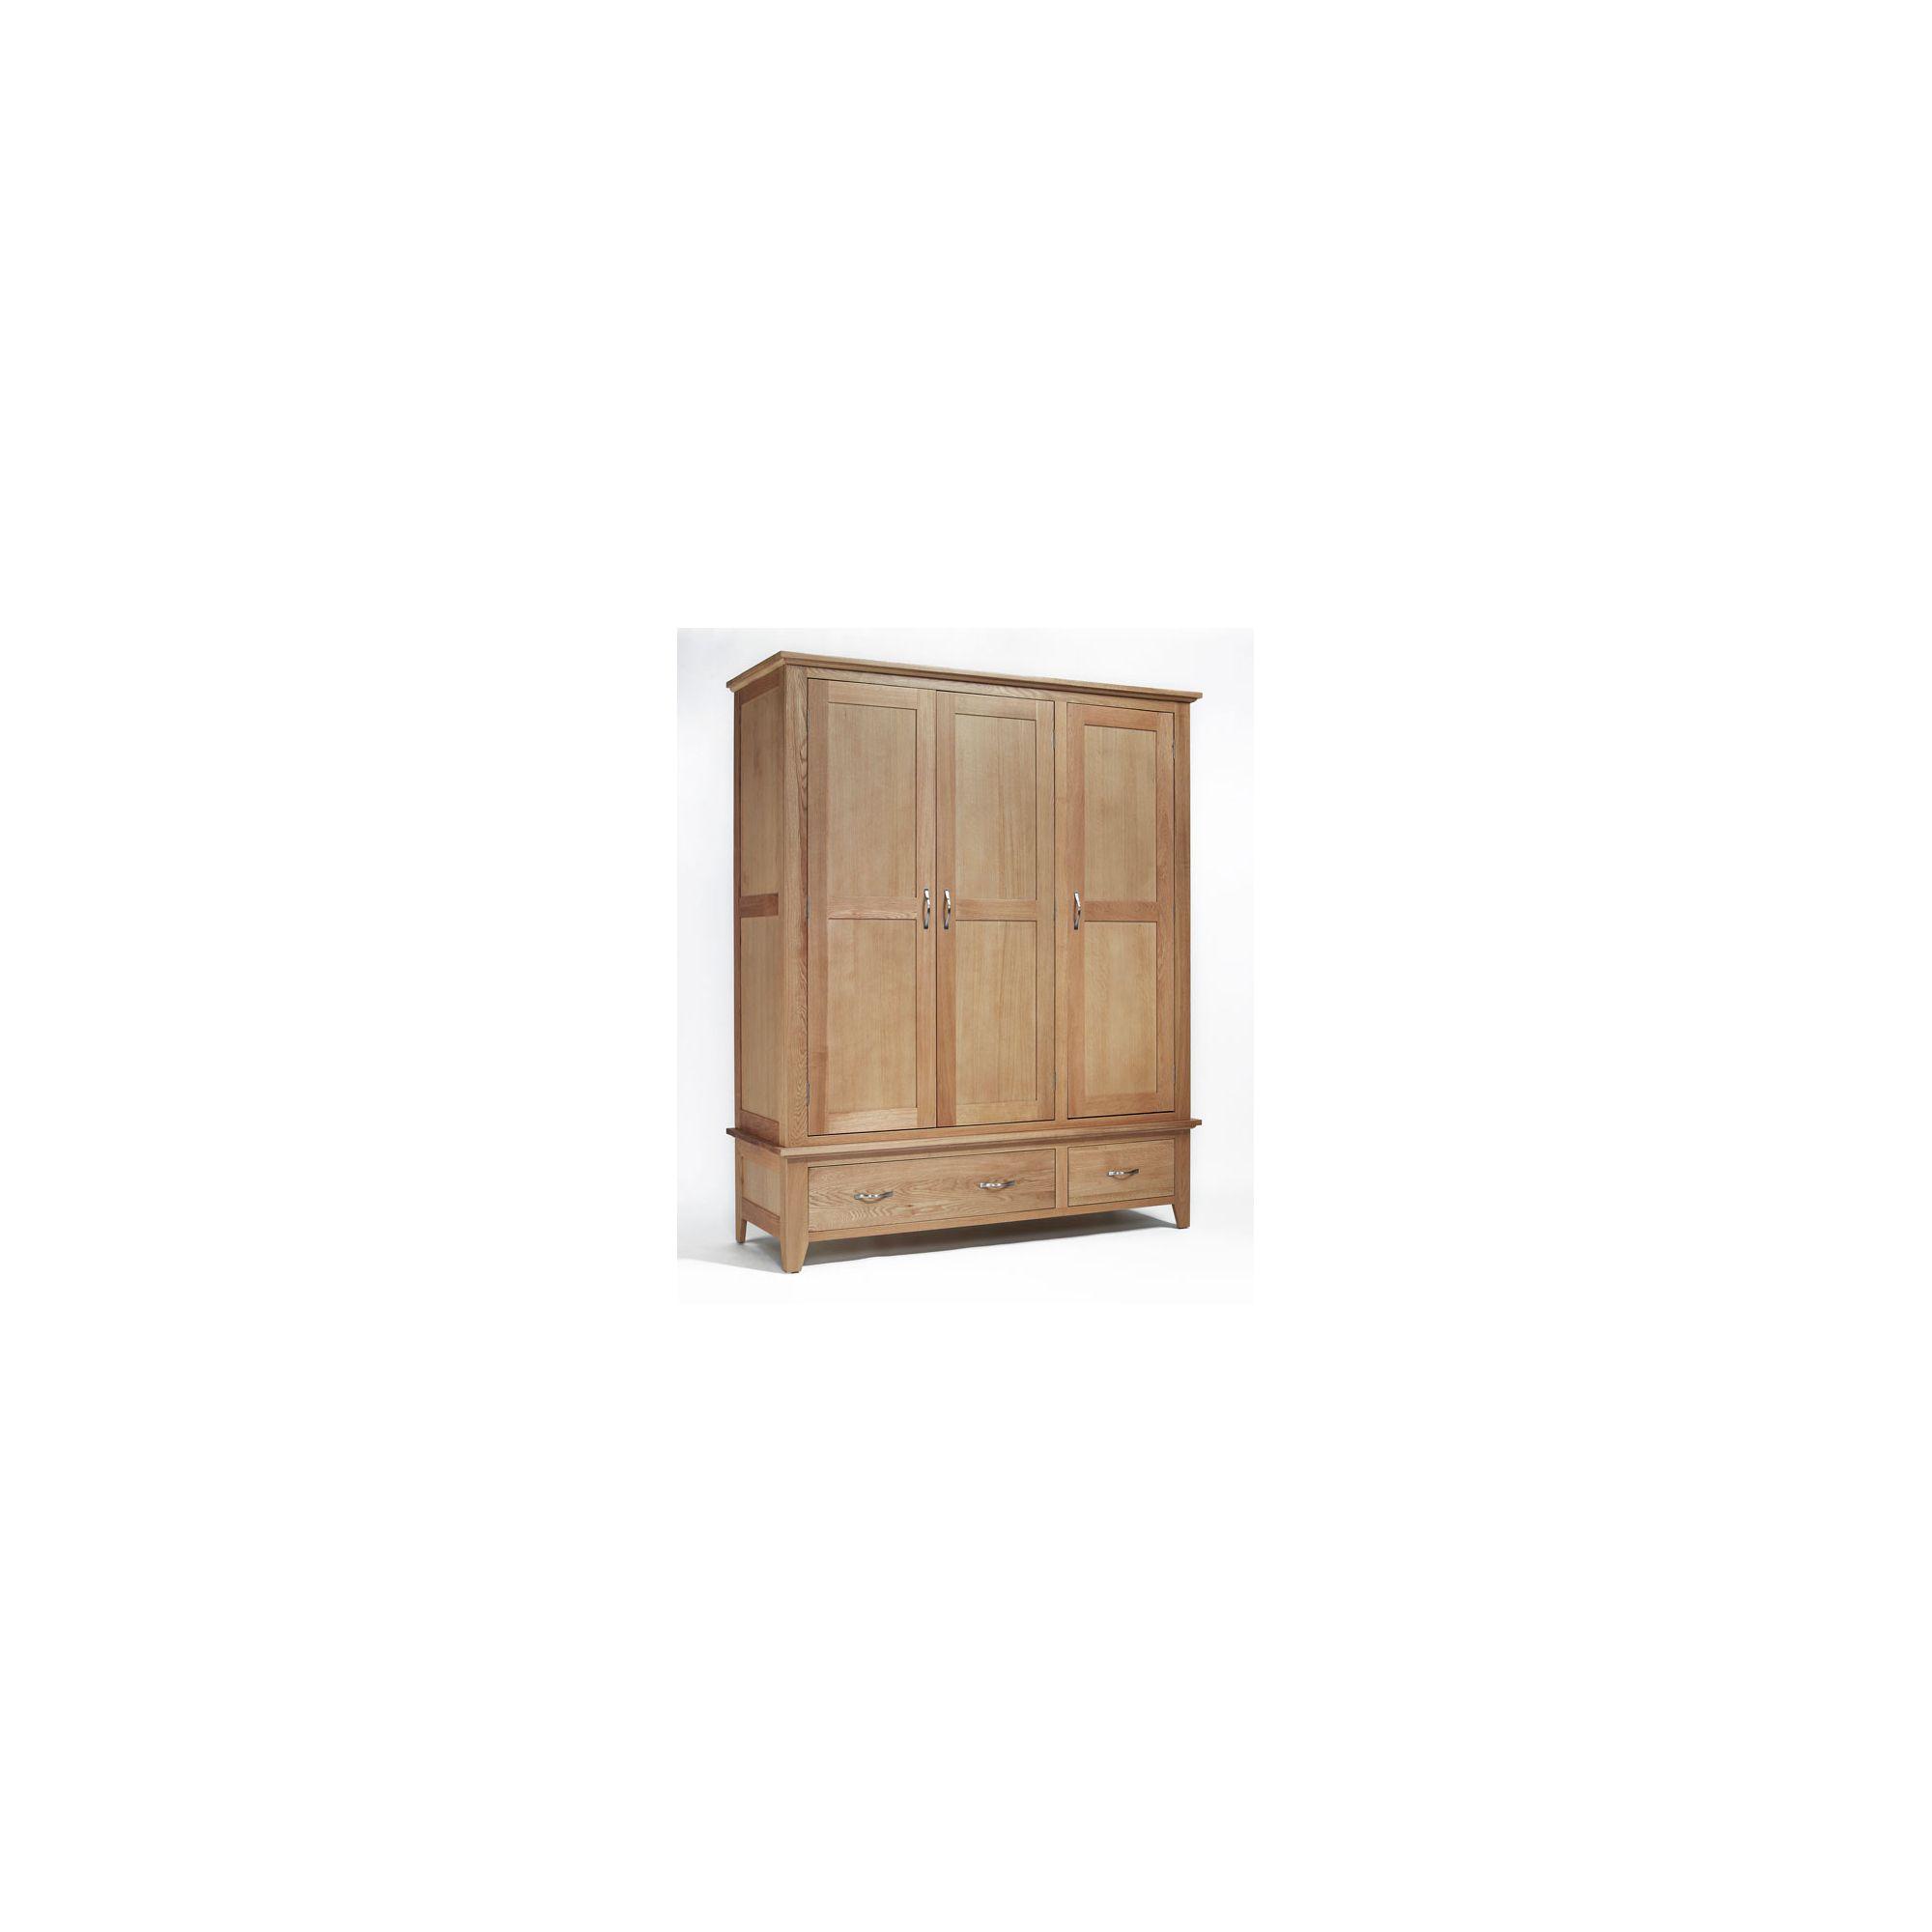 Ametis Sherwood Oak Two Drawer Triple Wardrobe at Tesco Direct